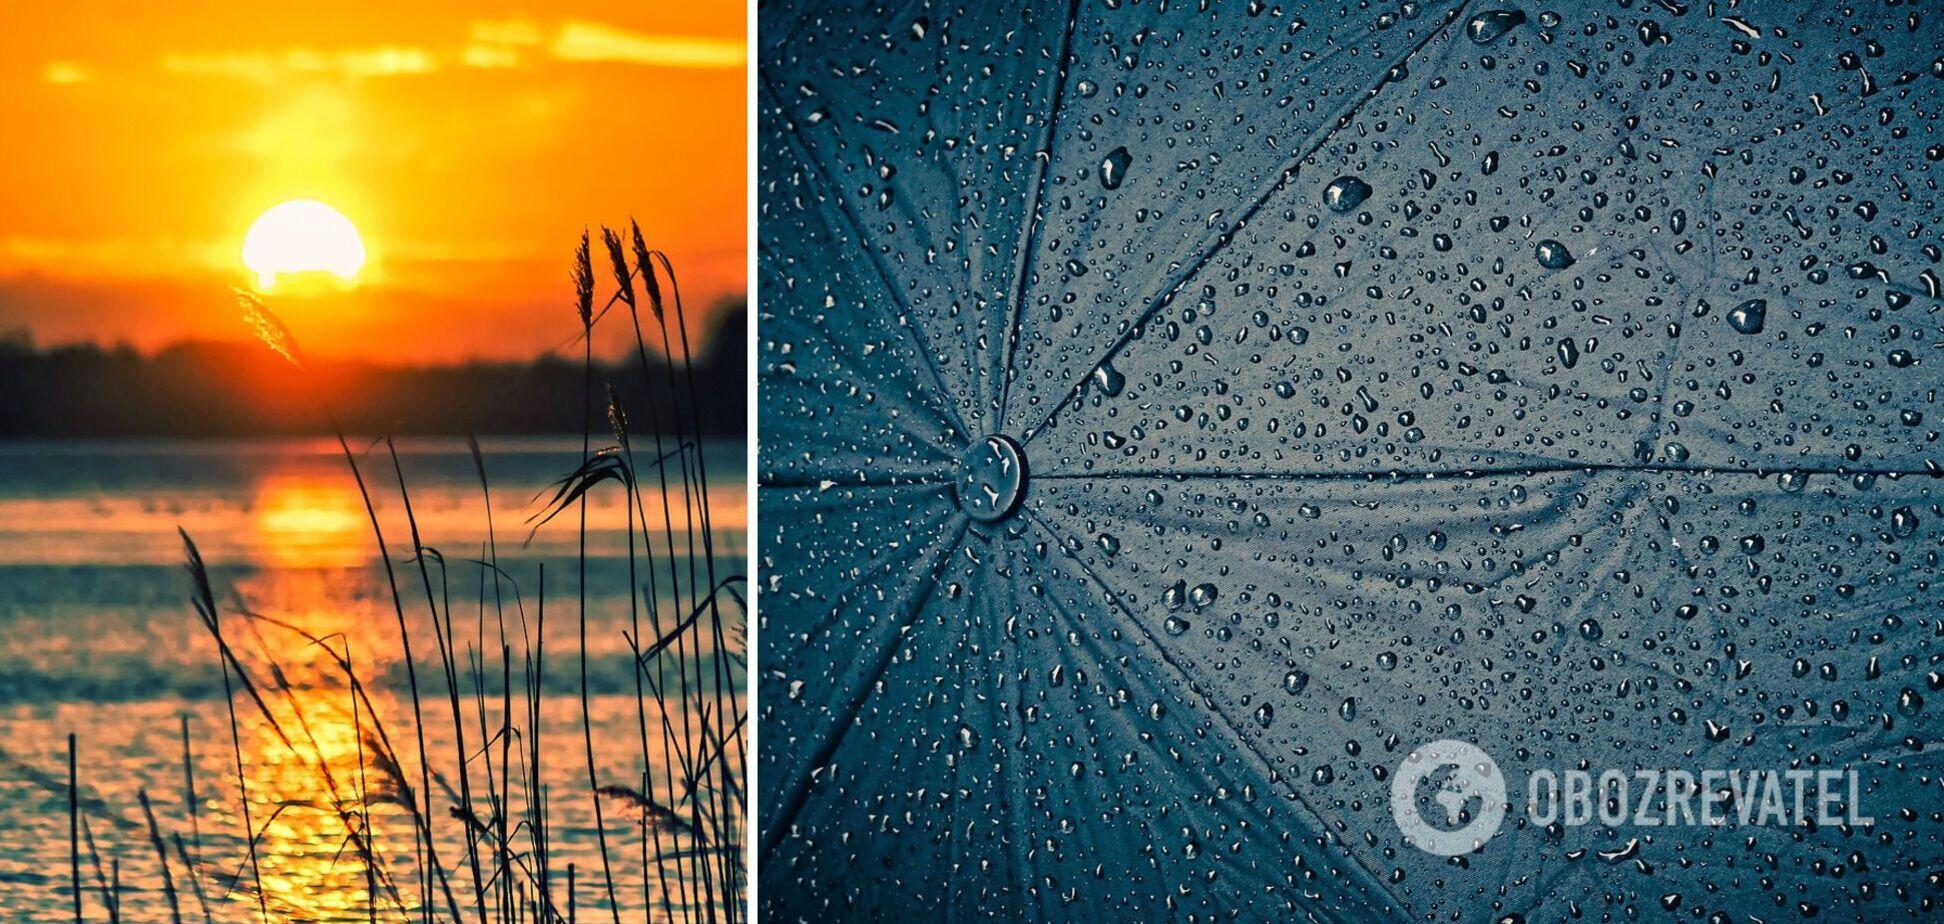 У четвер майже всю Україну накриють дощі: синоптики уточнили прогноз